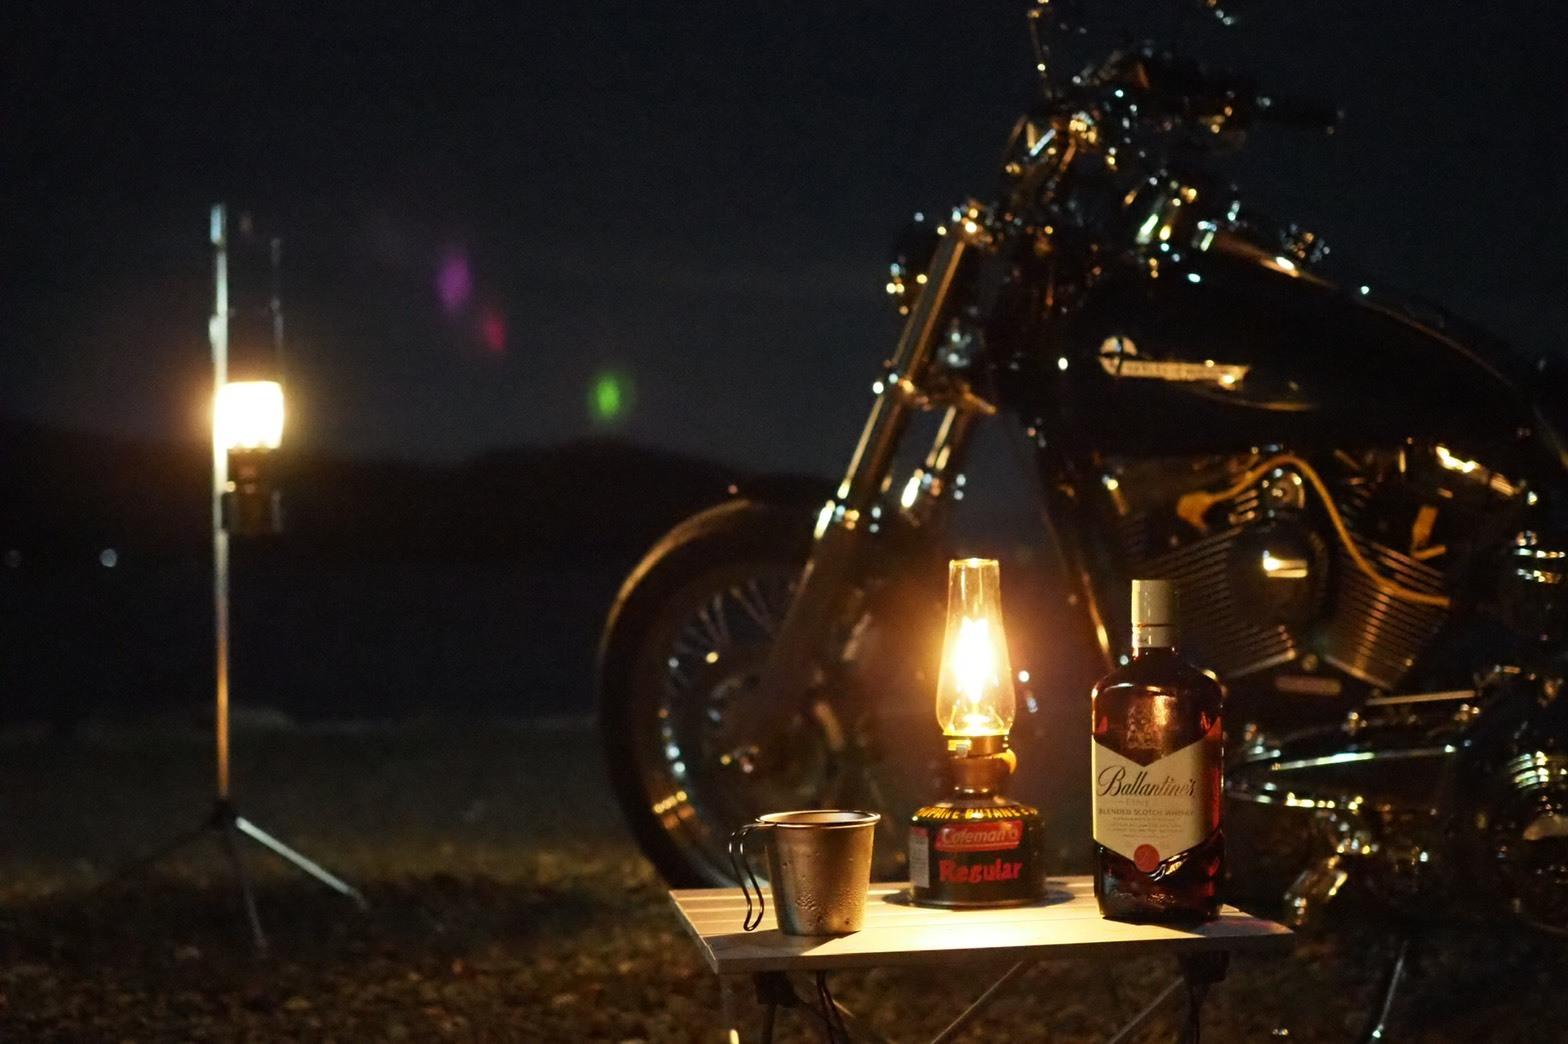 ぴきーちハーレーブログ 奥琵琶湖キャンプツーリング 二本松キャンプ場 キャンプ 夜更け ウィスキー